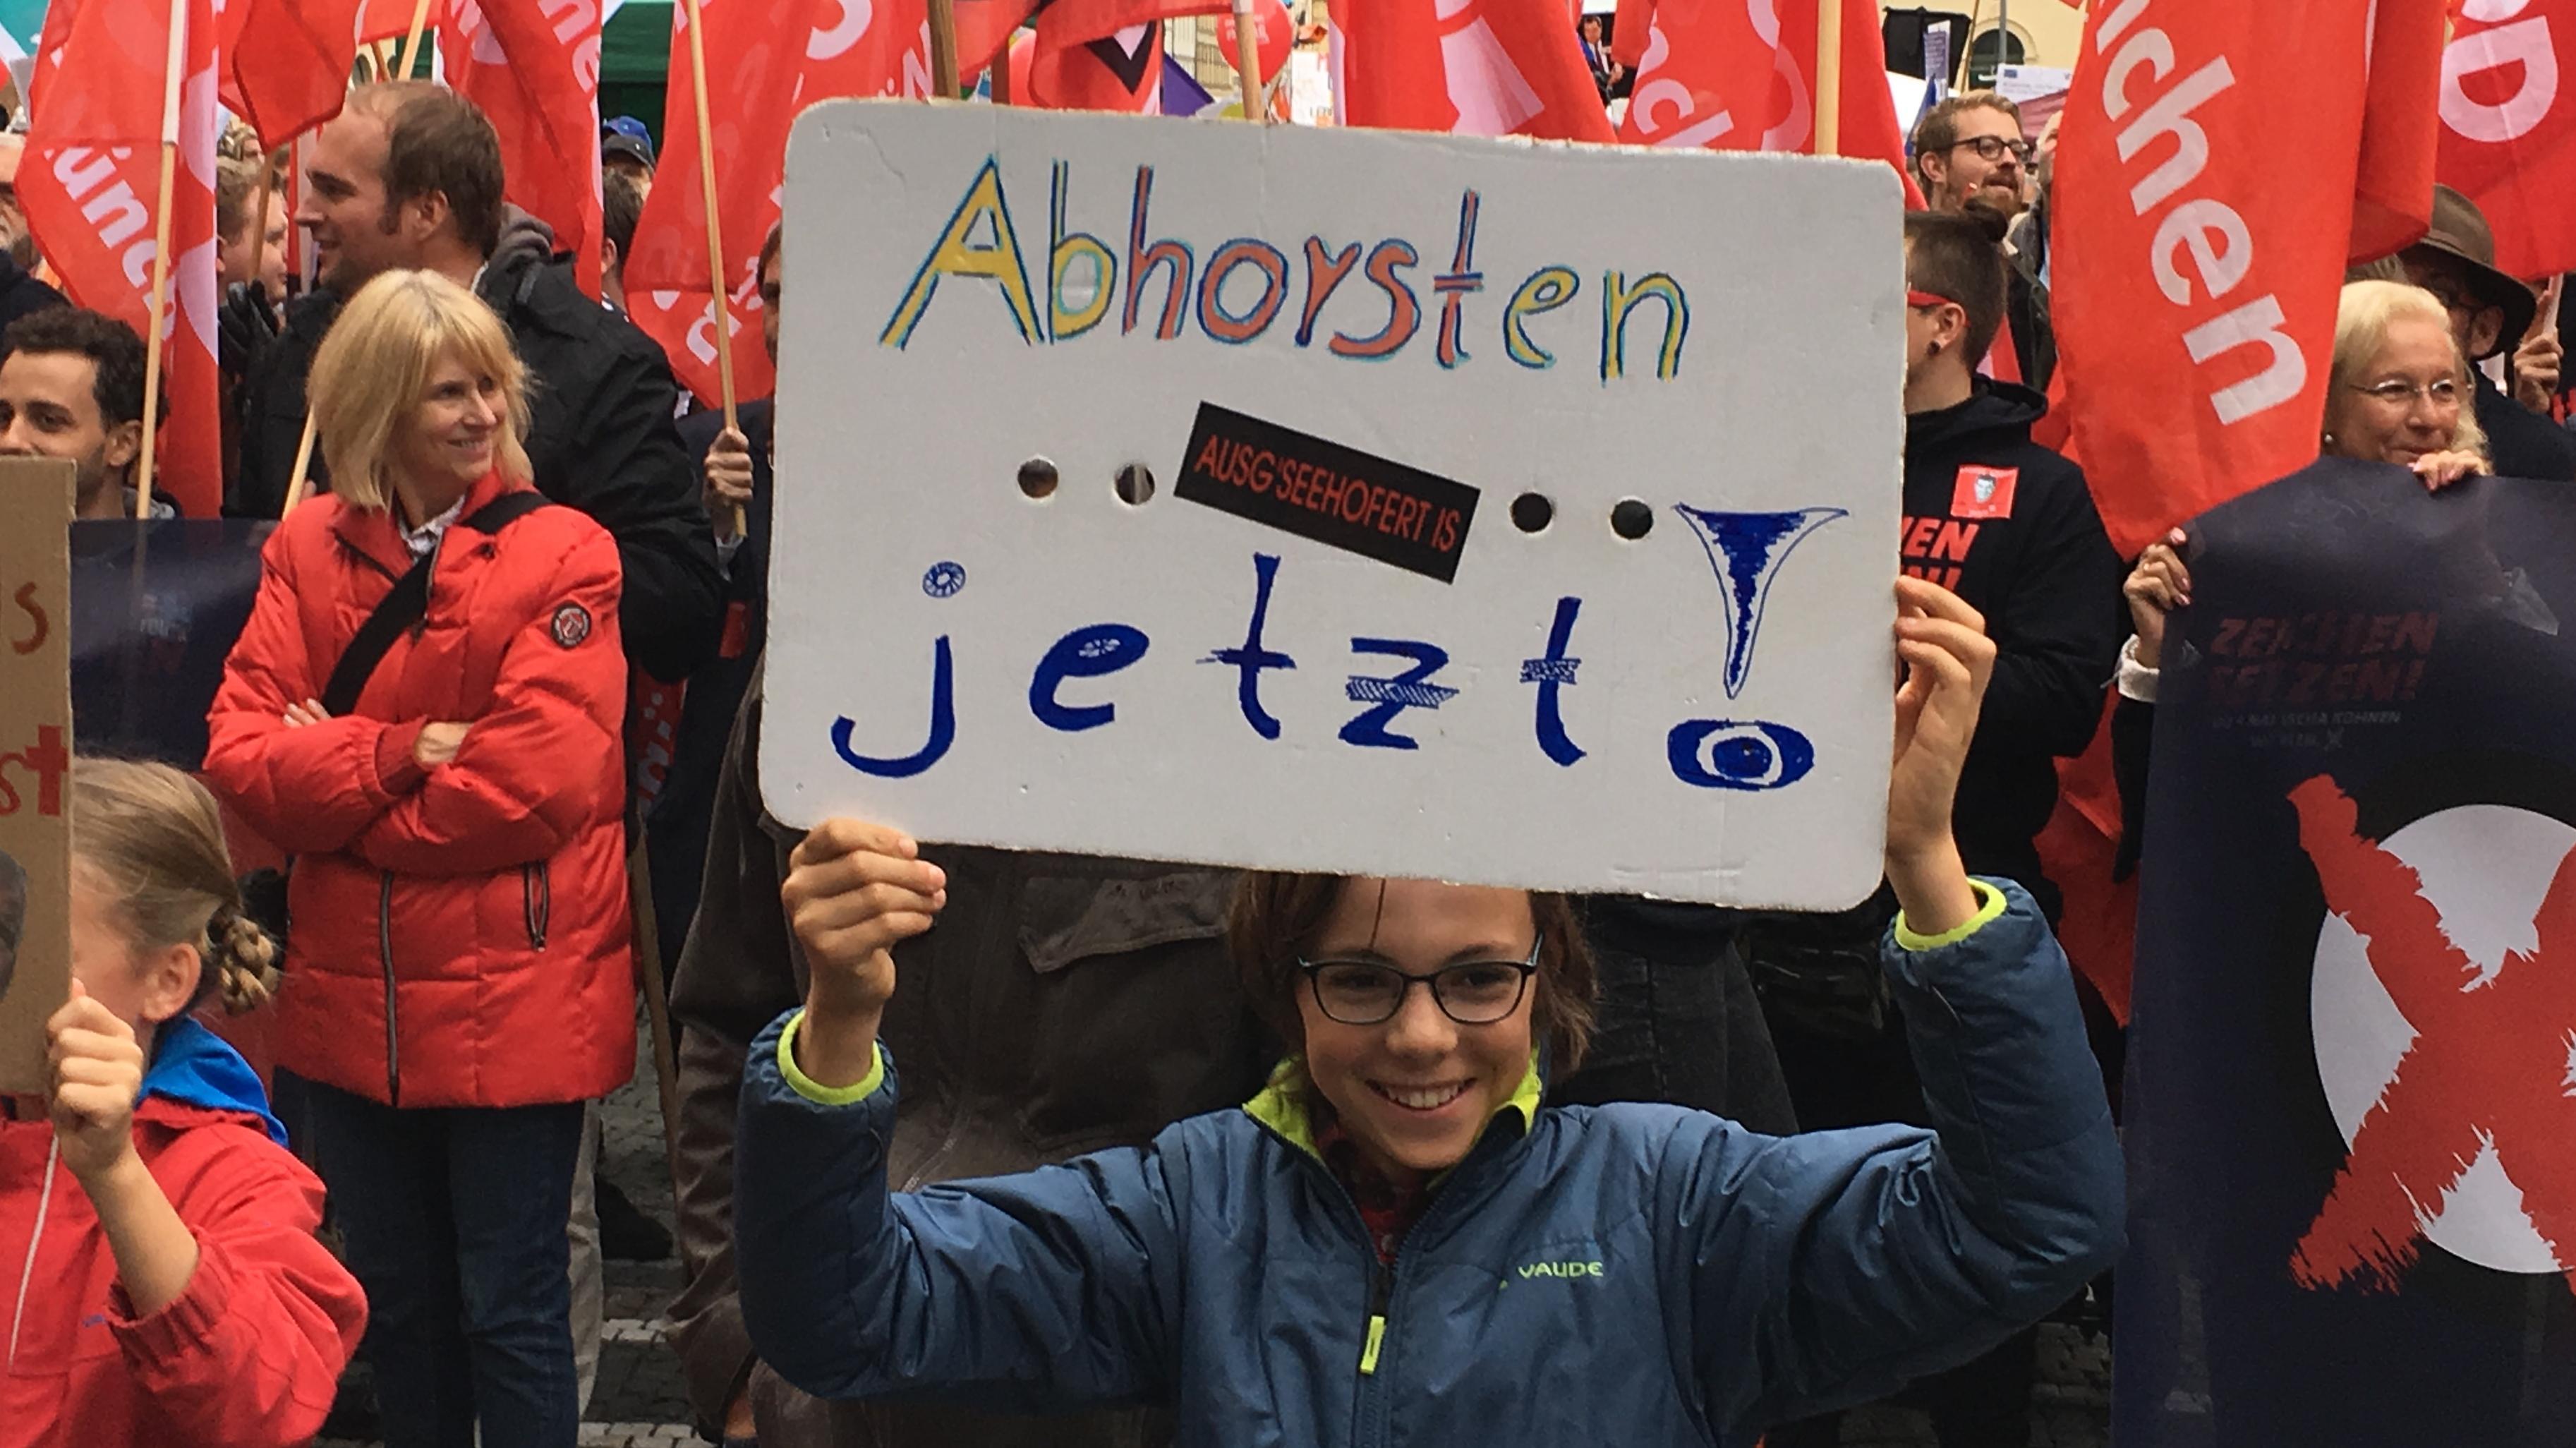 Viele Demonstranten trugen Plakate, auf denen sie direkt die CSU-Politiker Horst Seehofer und Markus Söder attackierten.